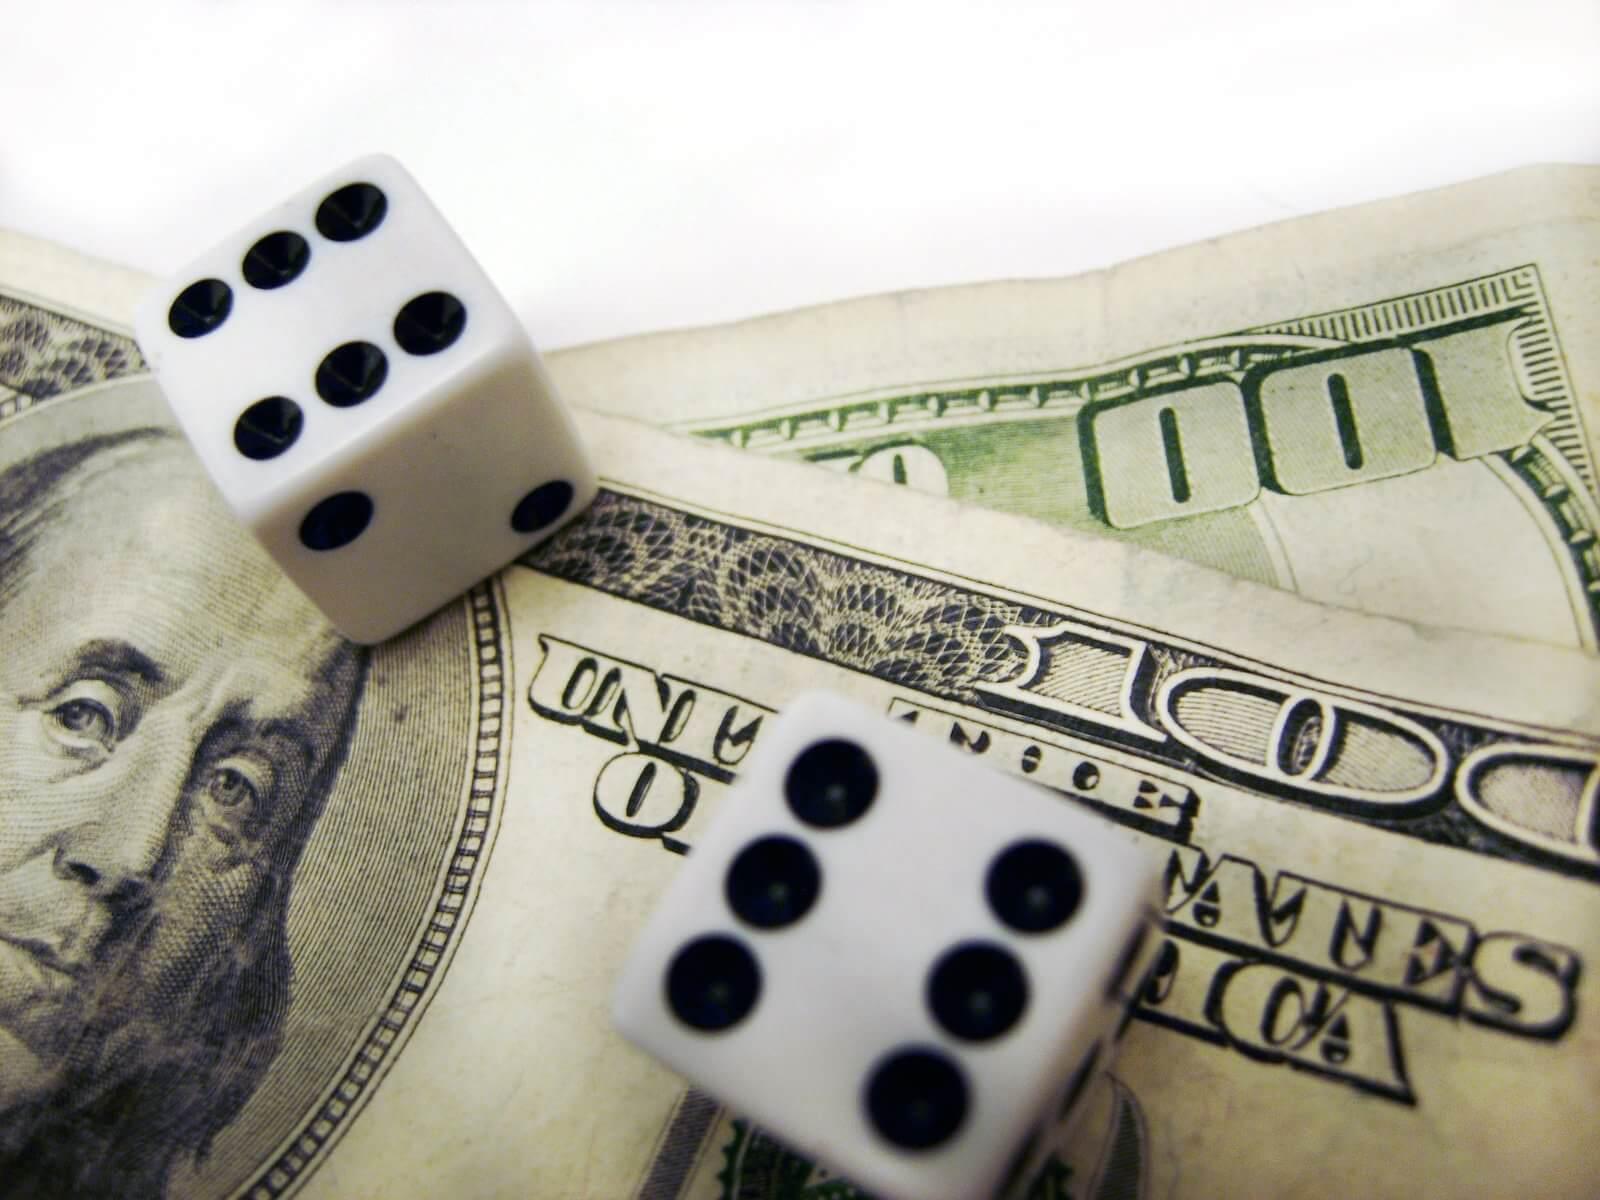 Lotofácil – Quais são as chances de ganhar na Lotofácil?